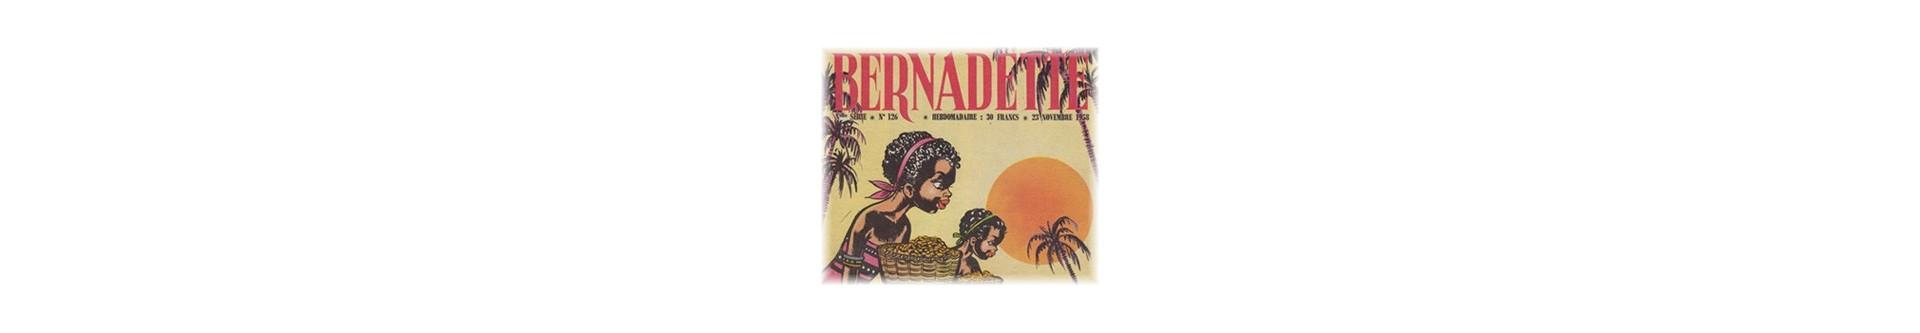 Revues Bernadette | Maison de La Bonne Presse